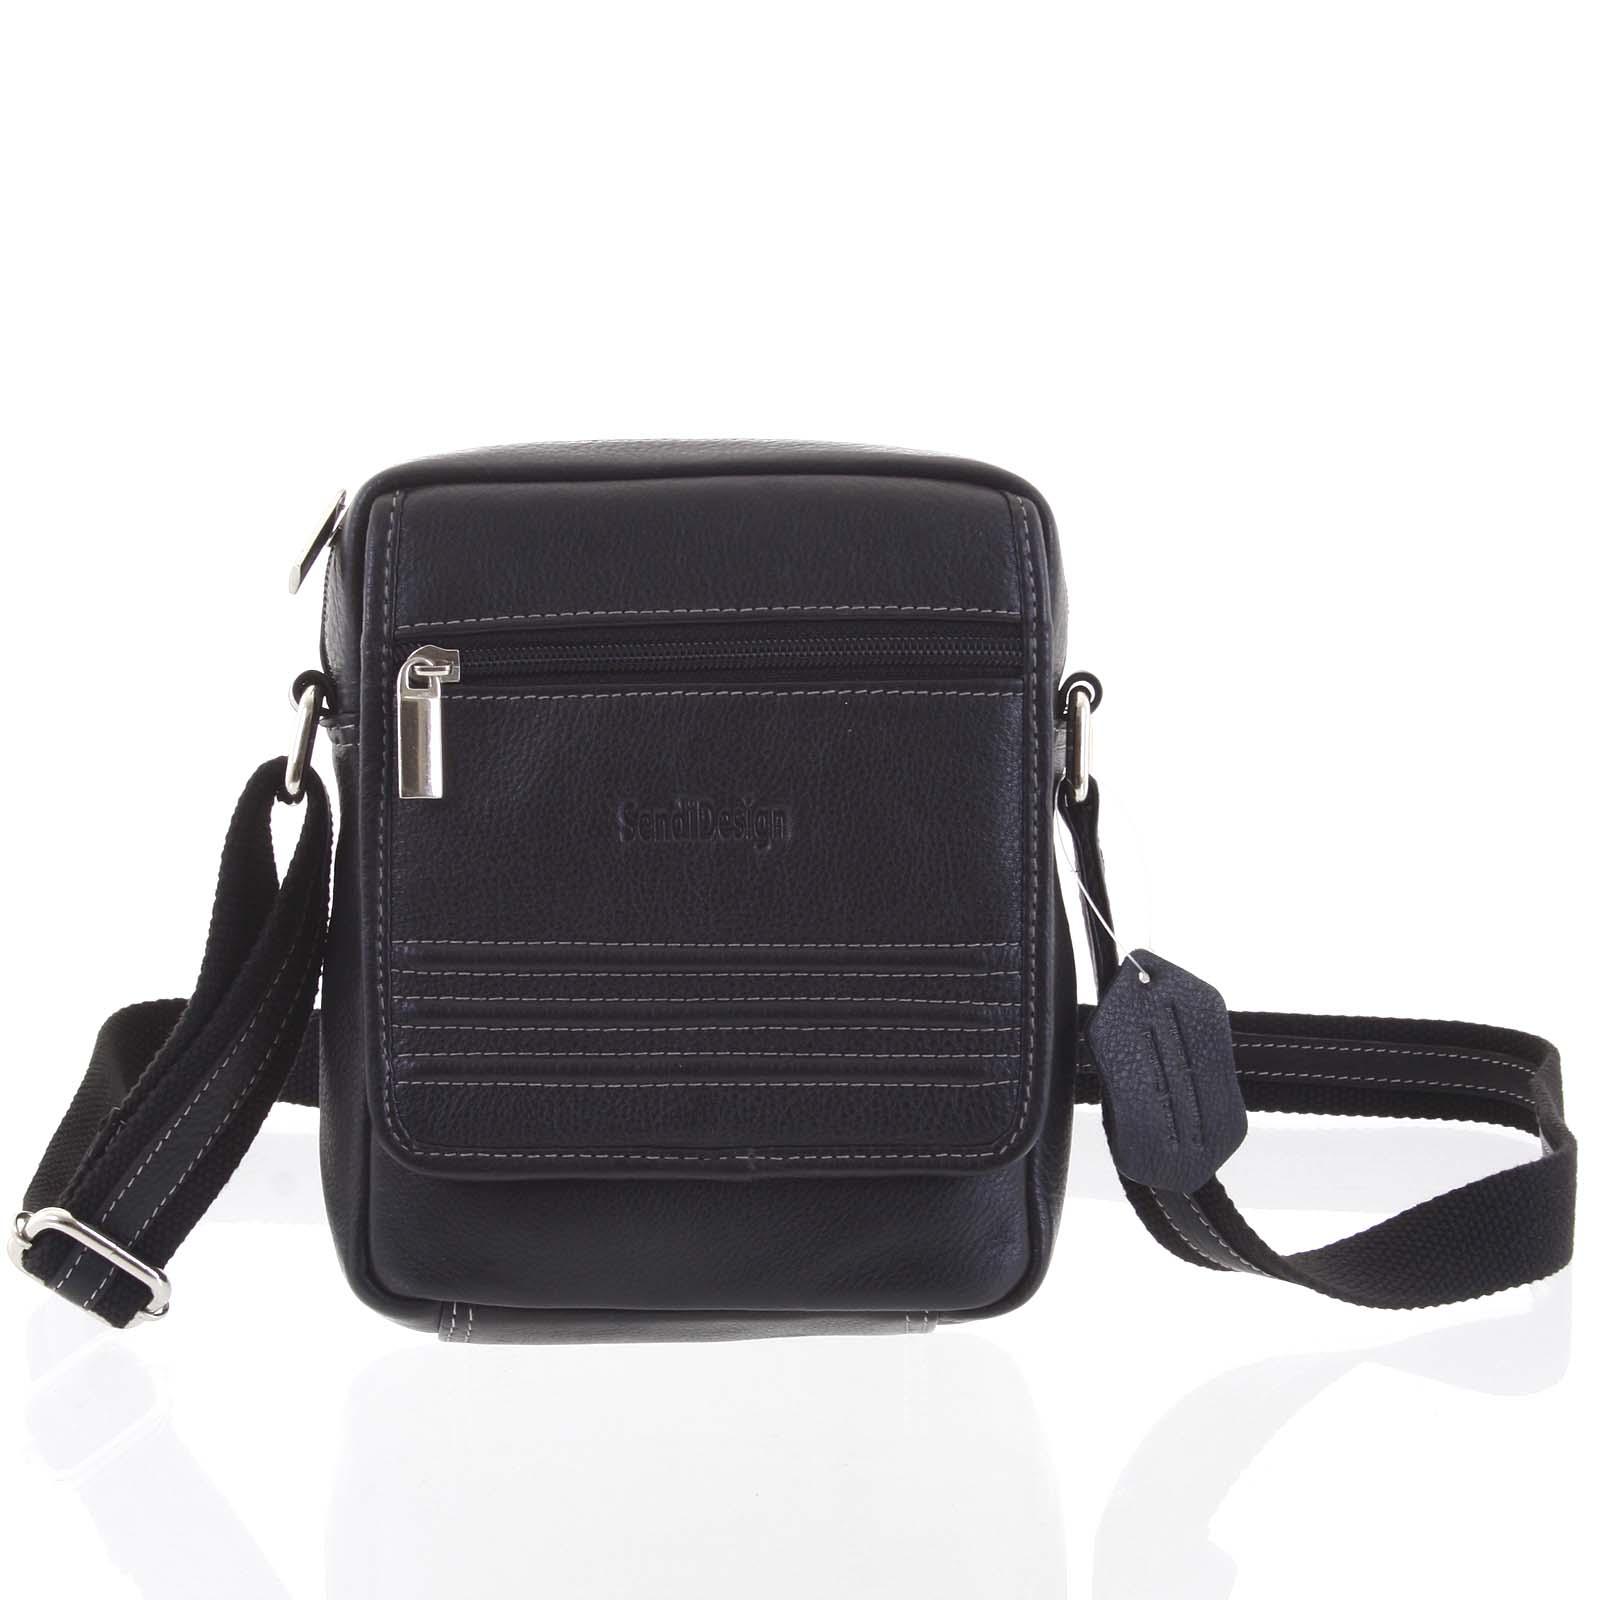 Černá luxusní kožená taška IG713